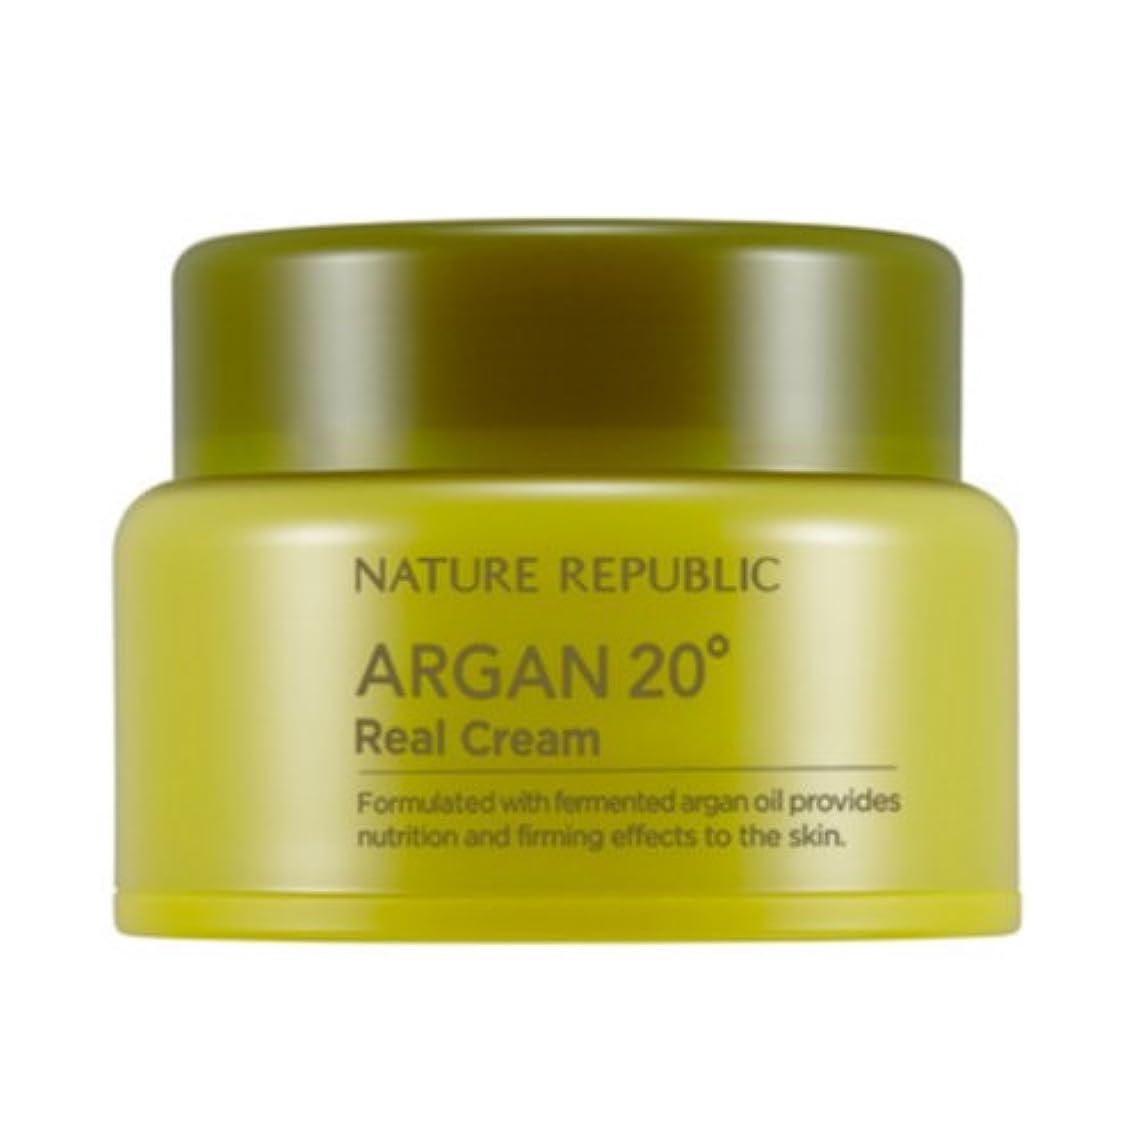 苦しみ輸送[ネイチャーリパブリック] Nature republicアルガン20ºリアルクリーム海外直送品(Argan20ºReal Cream) [並行輸入品]